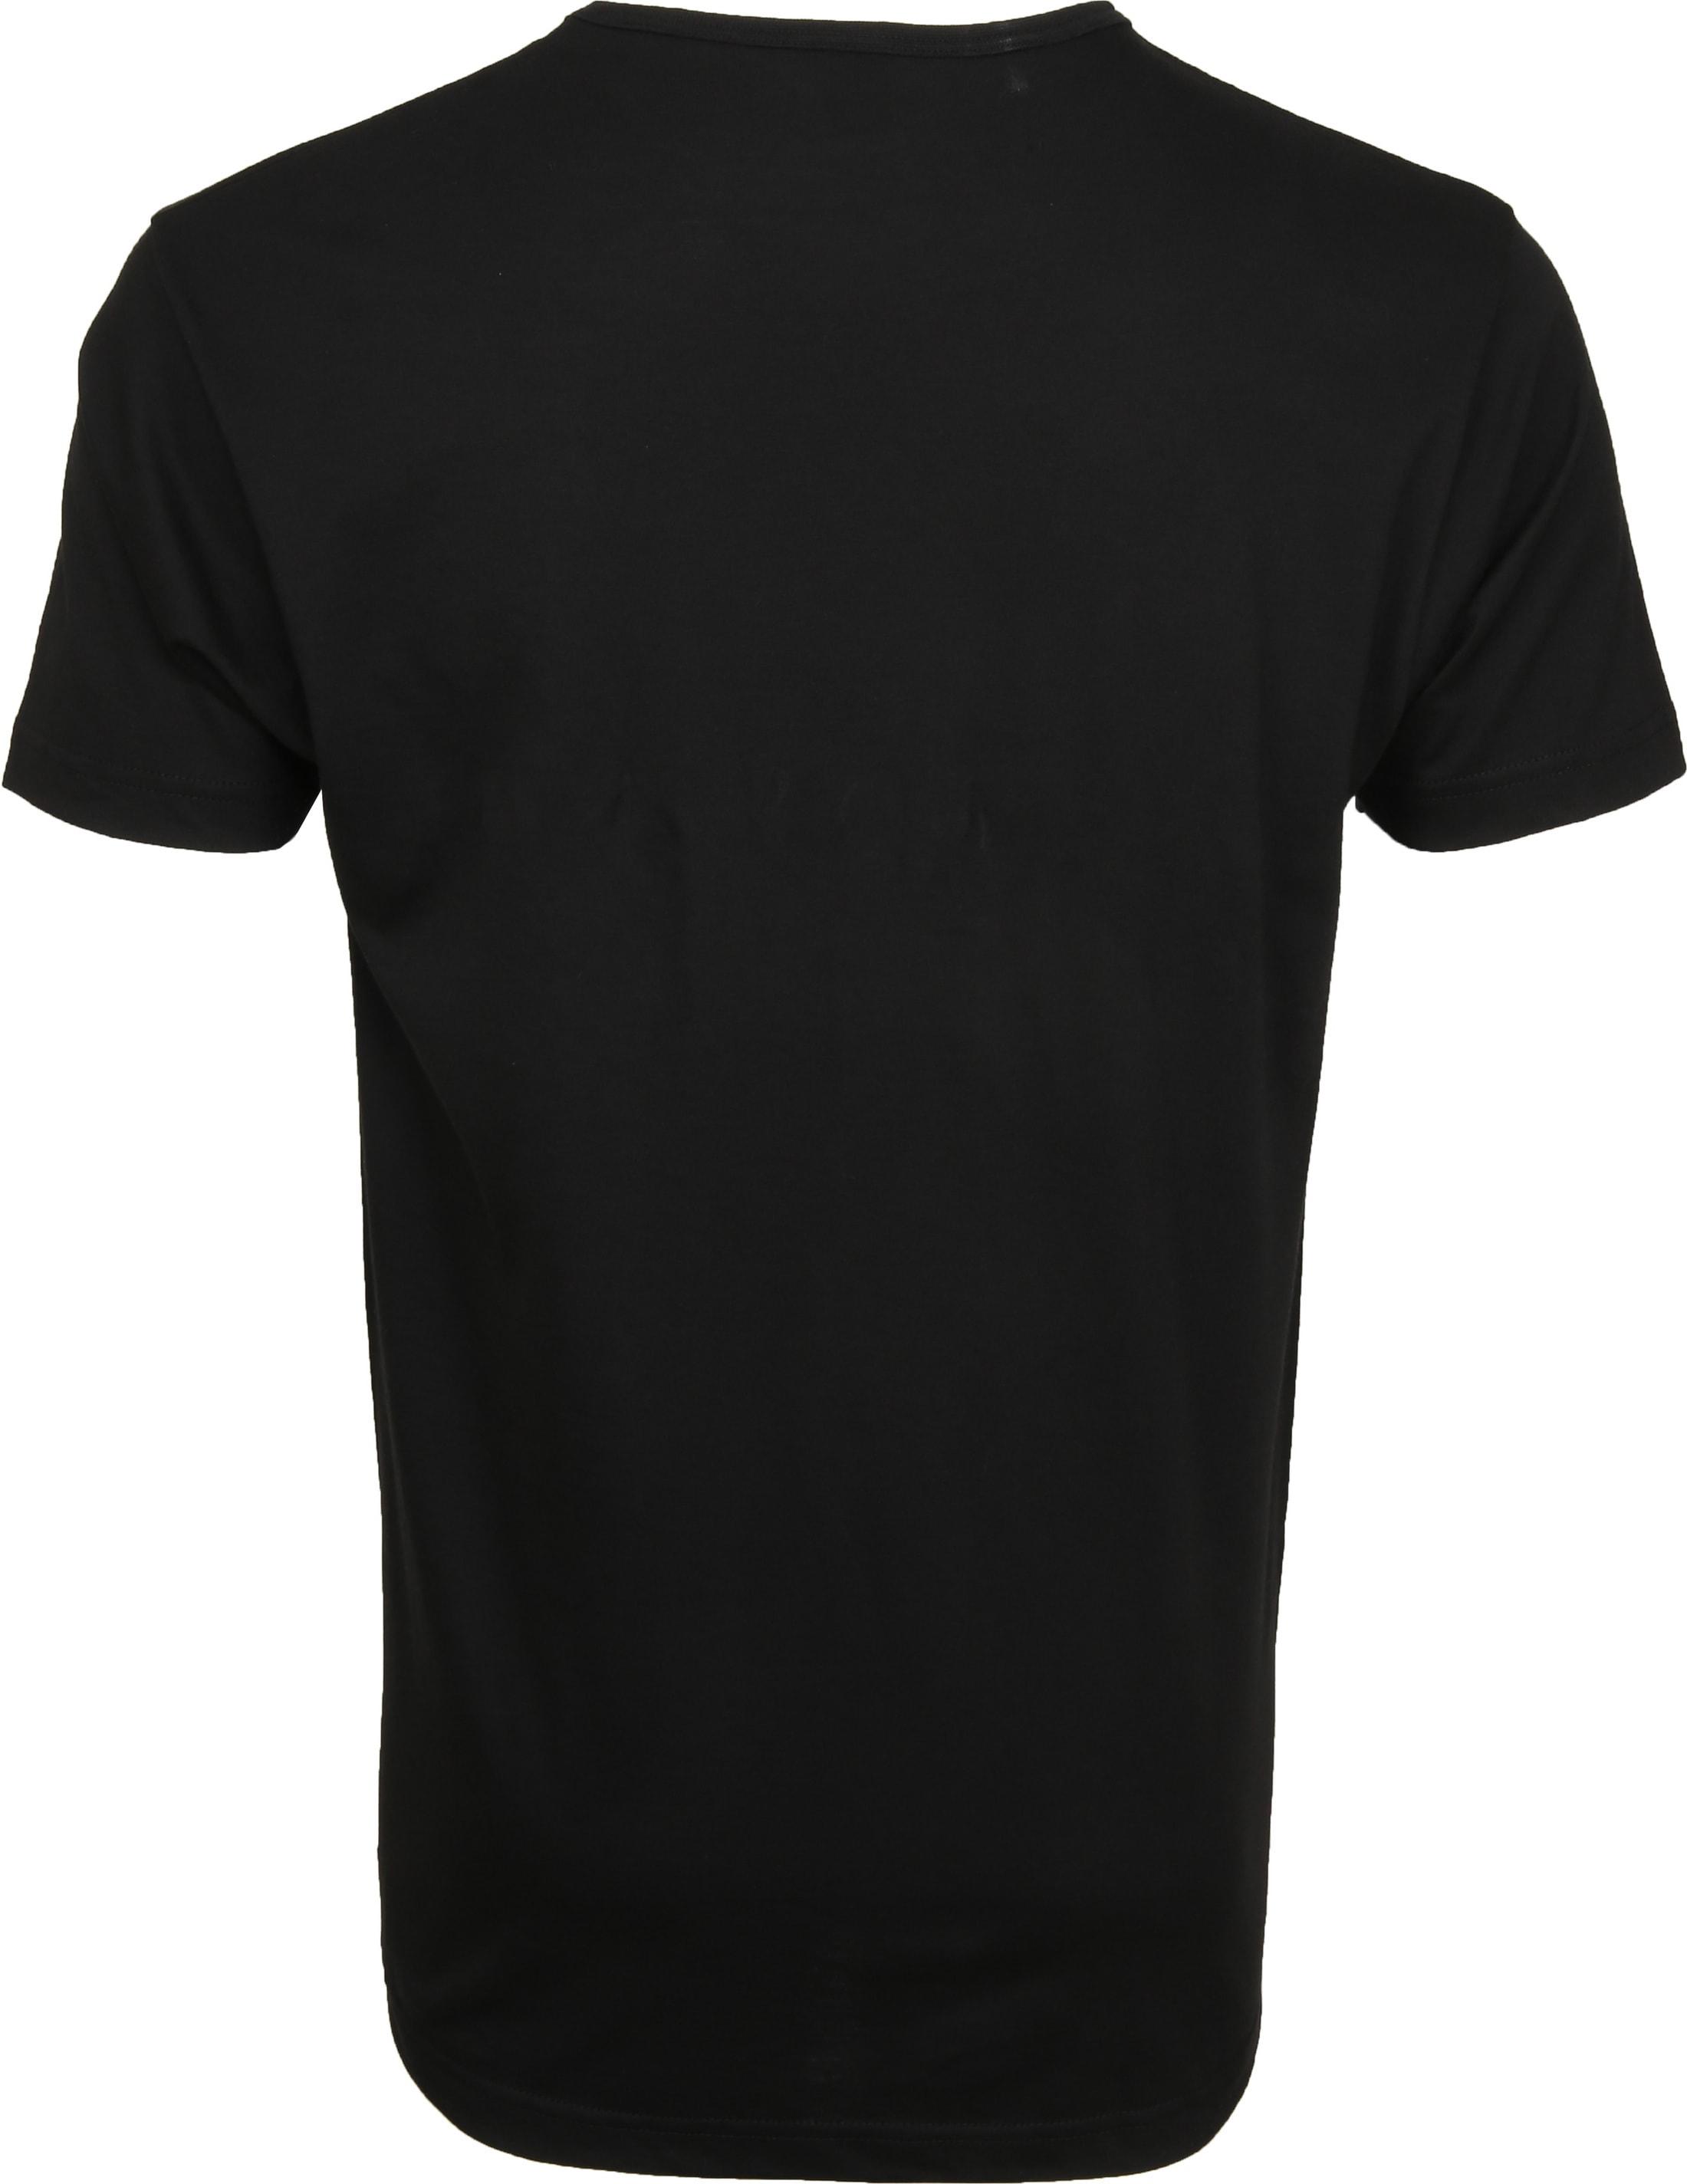 Alan Red Mike T-shirt Logo Black foto 2